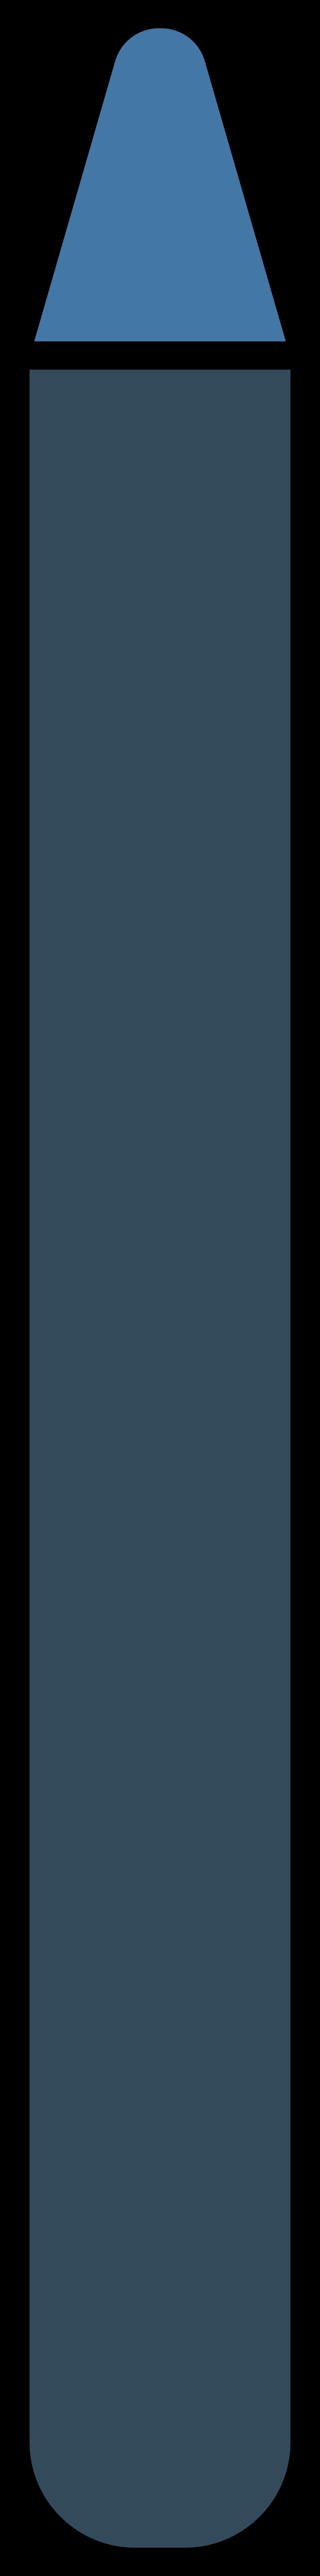 tablet pen Clipart illustration in PNG, SVG